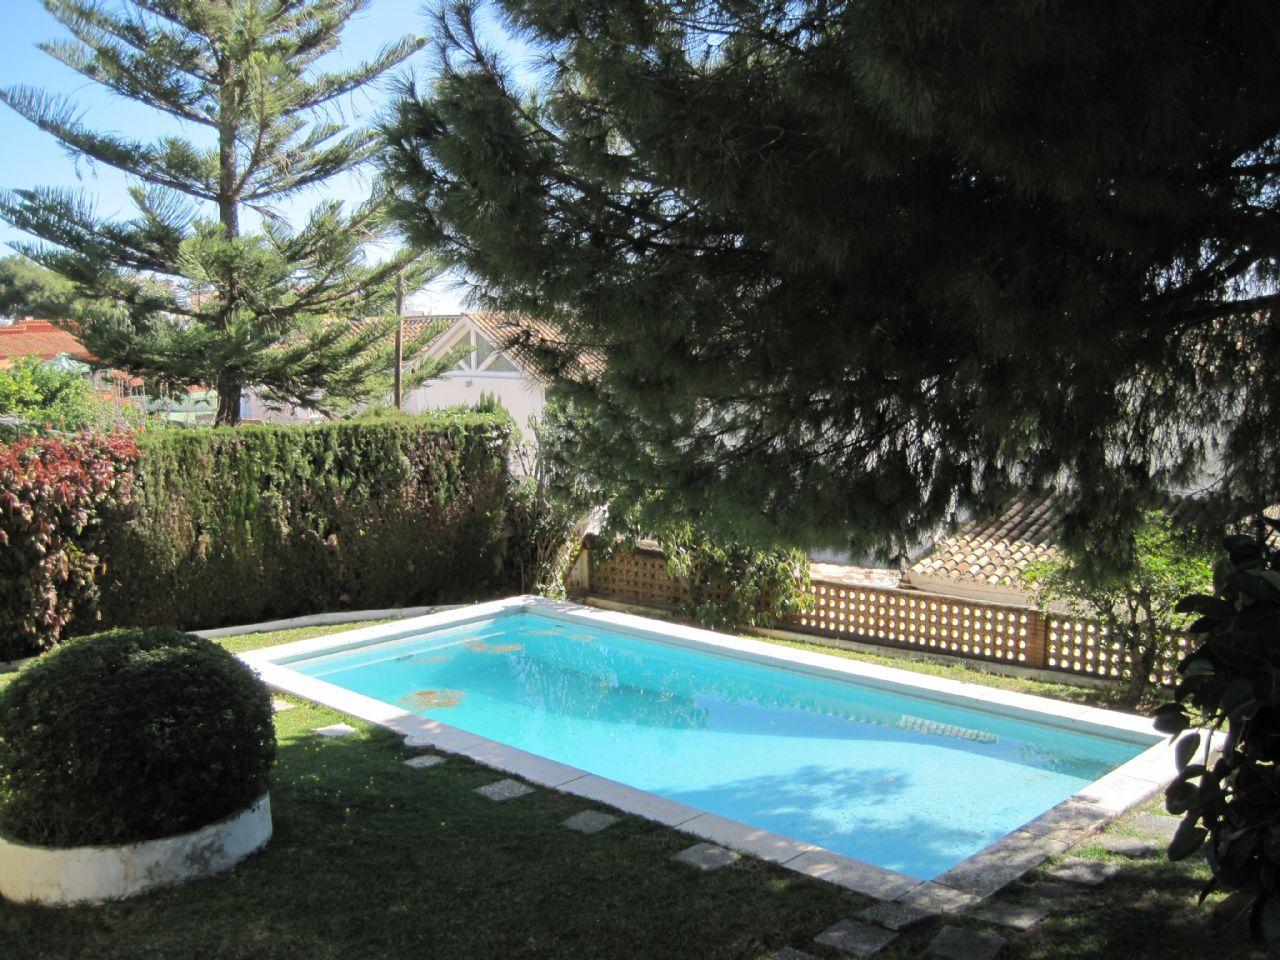 Casa / Chalet en Benalmádena, solymar, venta